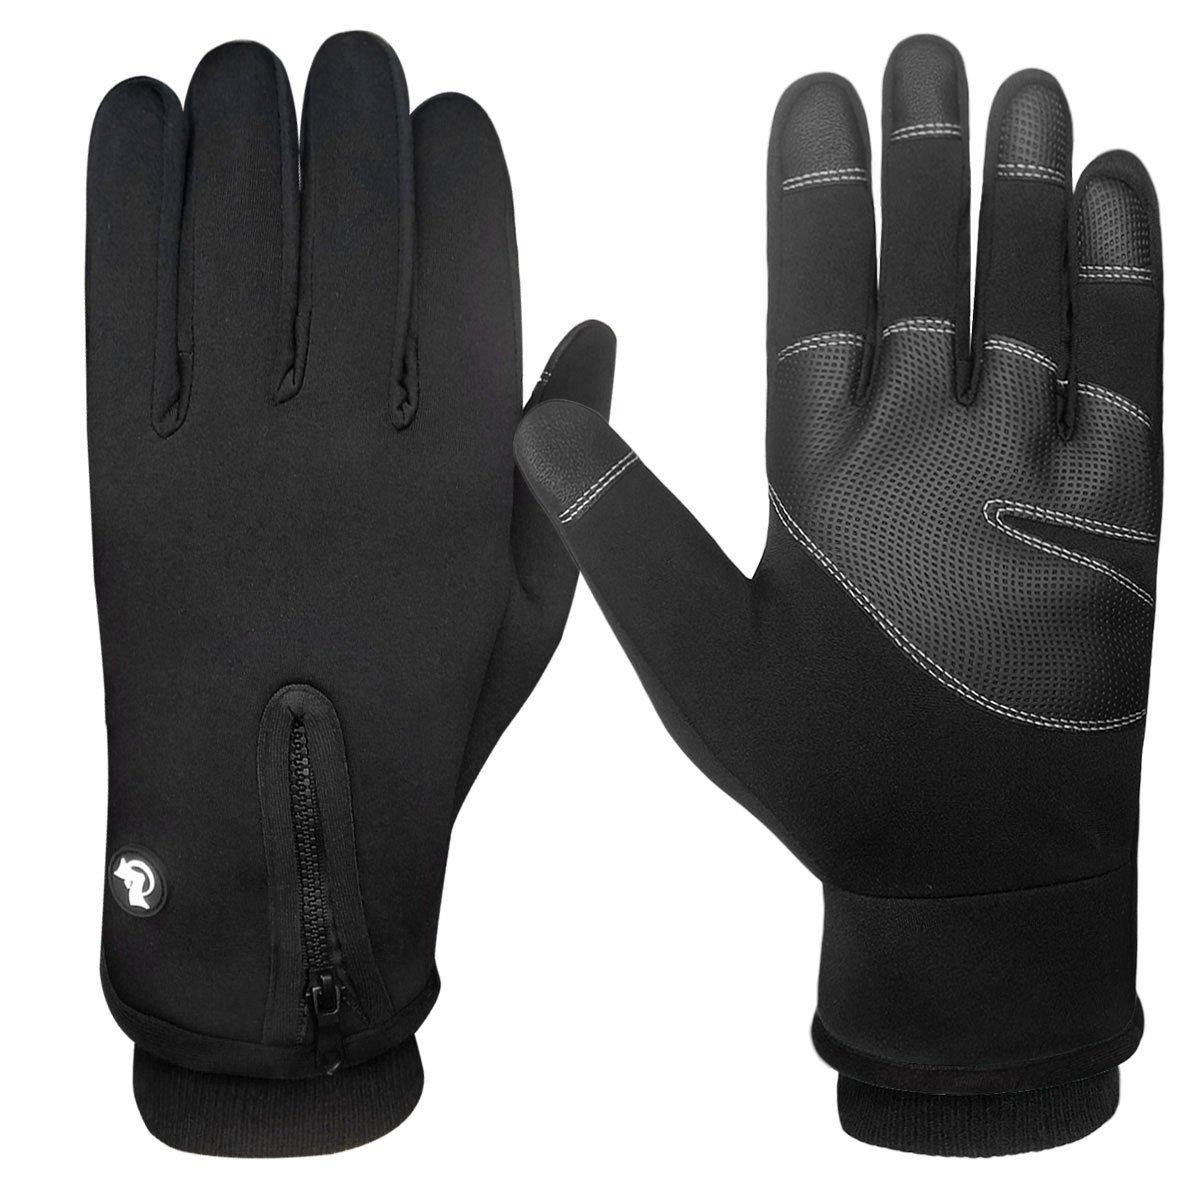 LETHMIKメンズ防風タッチスクリーン手袋冬アウトドアサイクリングオートバイスキーグローブ B075G8X19X XL (9.5